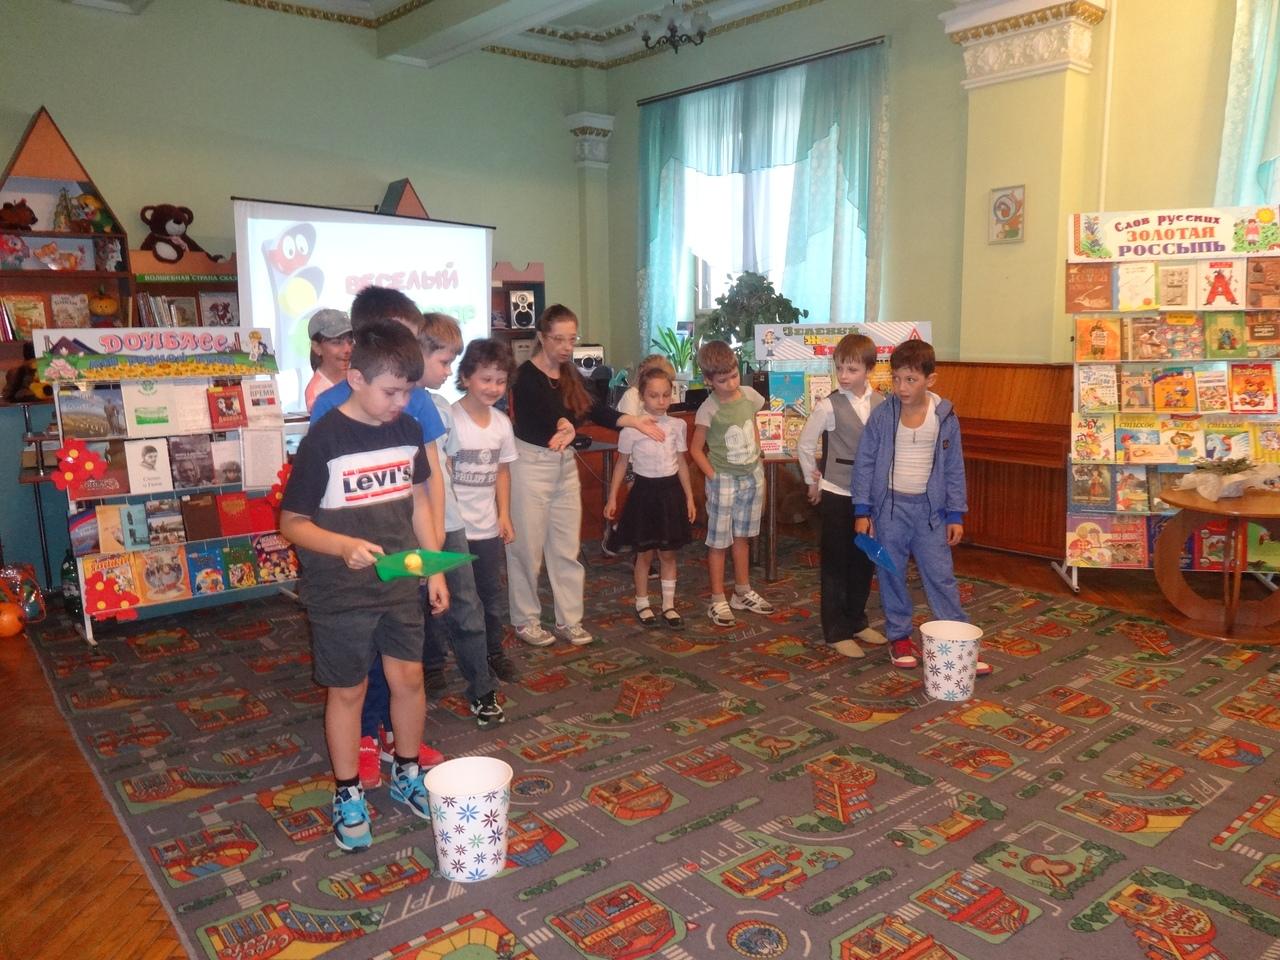 Донецкая республиканская библиотека для детей, занятия с детьми, в библиотеке интересно, отдел обслуживания дошкольников и учащихся 1-4 классов